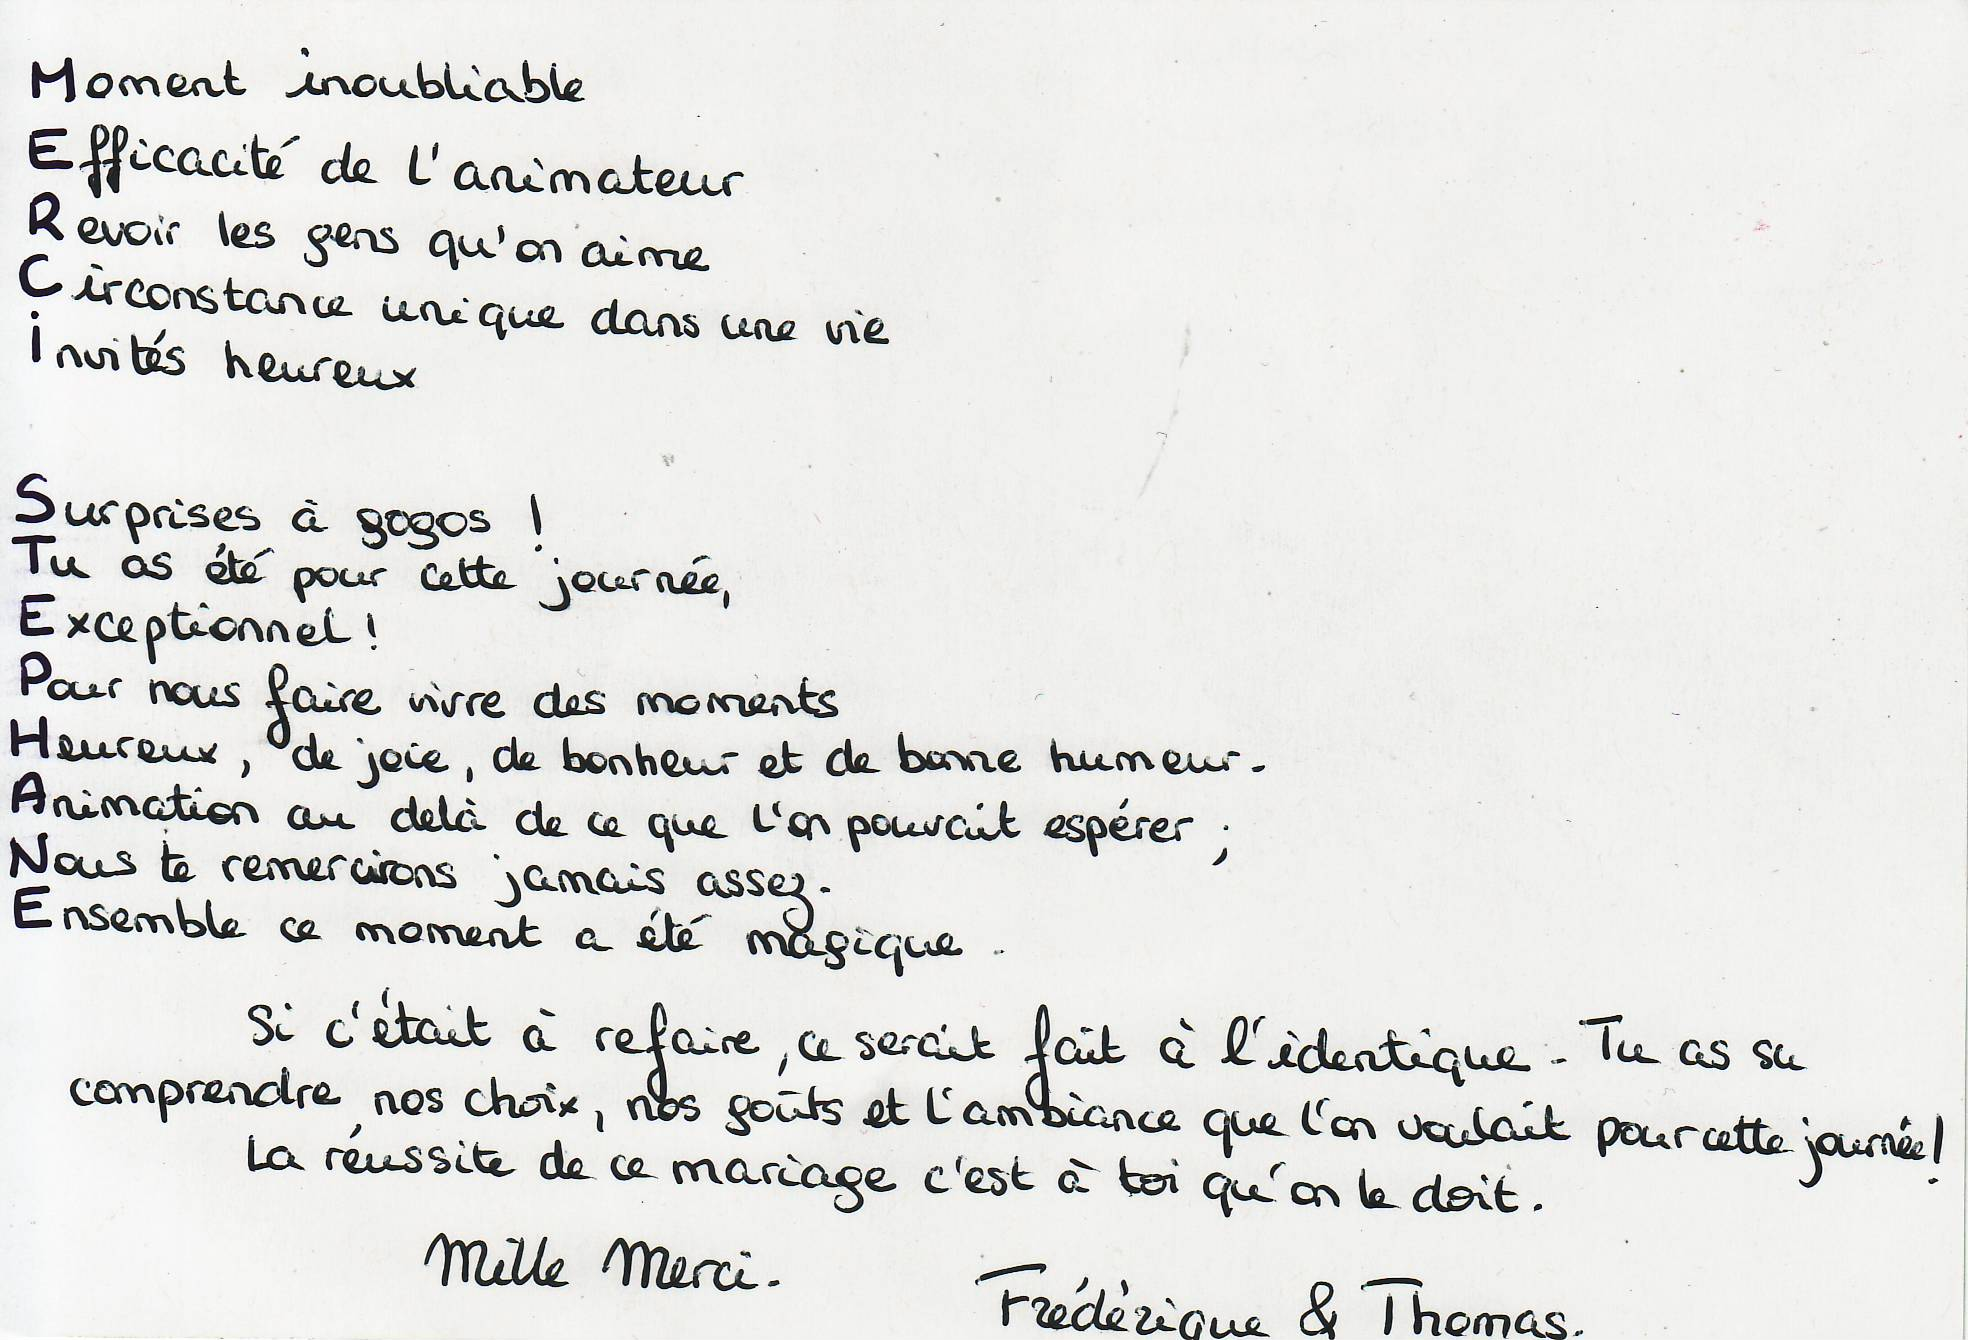 Mariage_FOURNERIE_Thomas_&_Frédérique_(La_Tour)_(23-05-2015_2